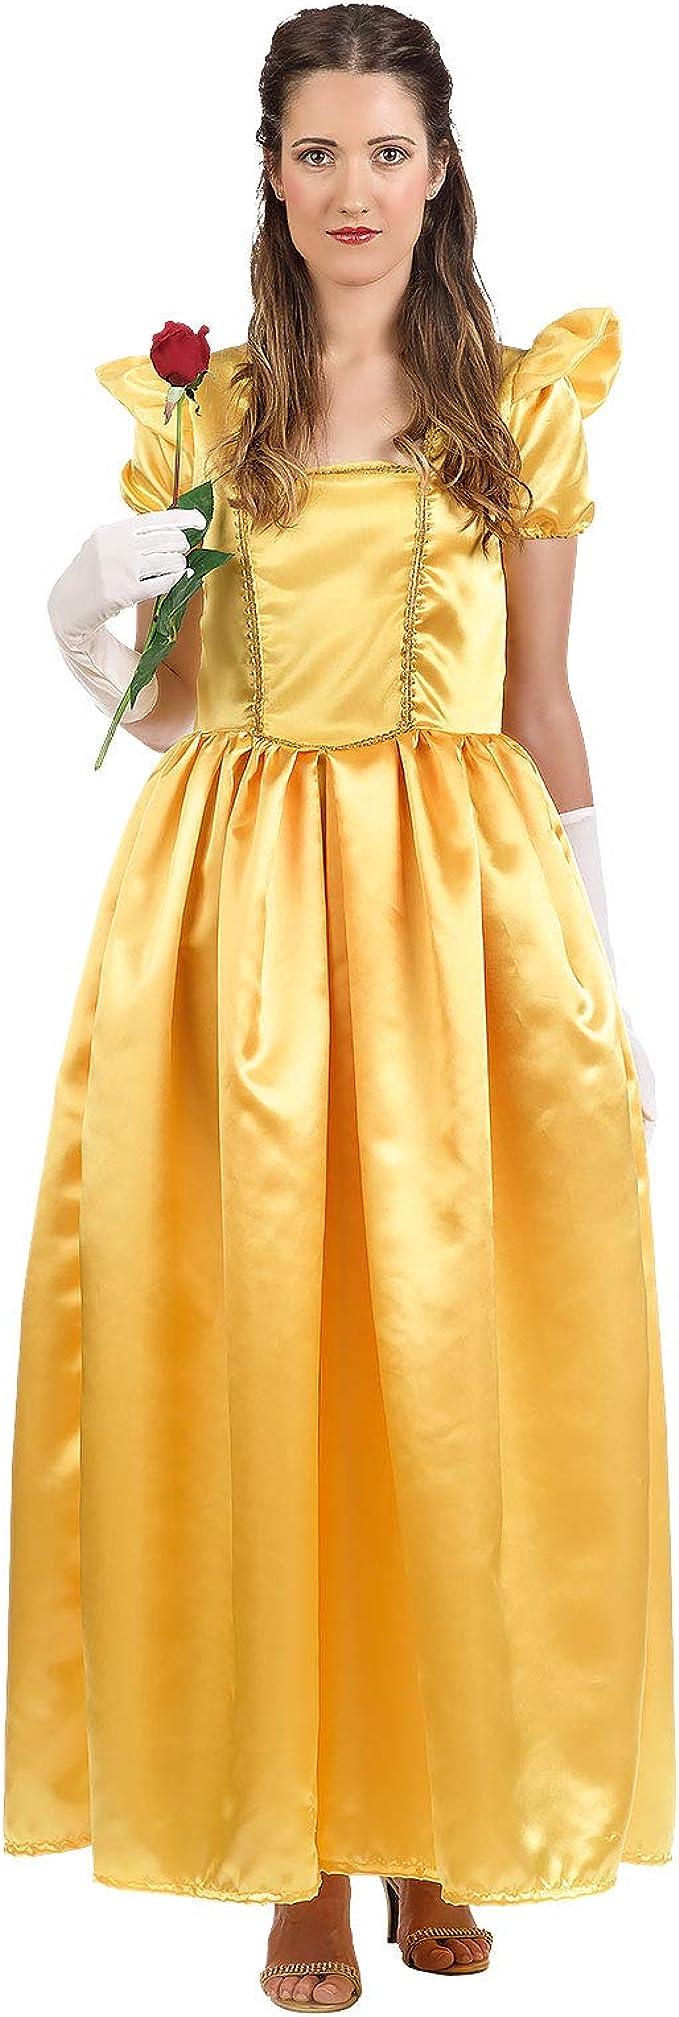 Disfraz de Belle Ladies para Disney La Bella y la Bestia Fans ...